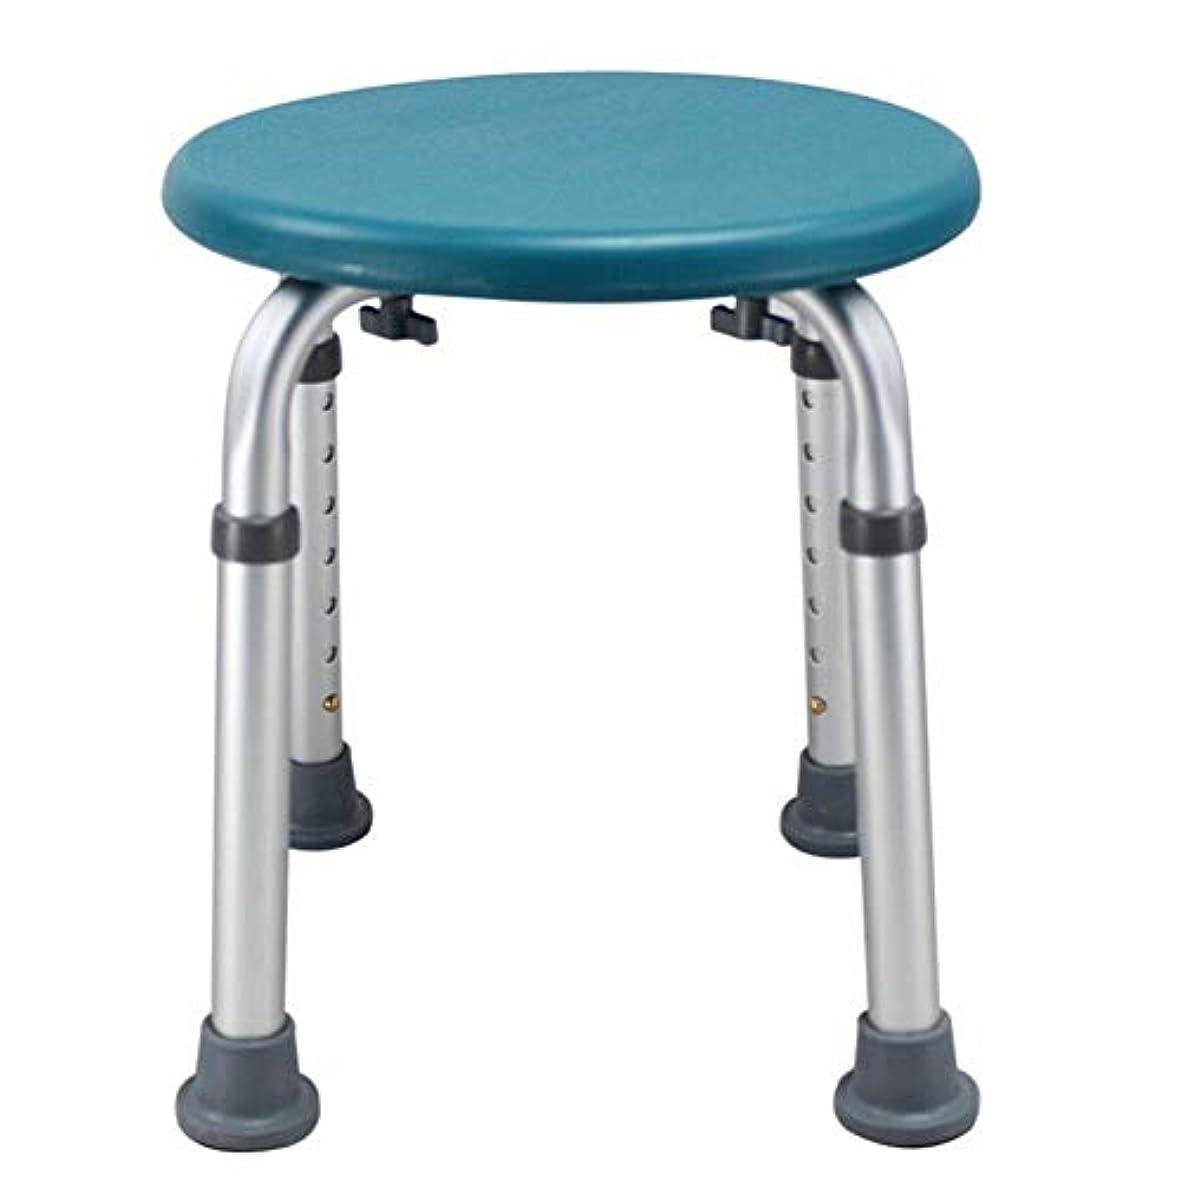 患者辞書ニュージーランドラウンドバスシートまたはシャワースツール、調整可能な高さのバスシートベンチ高齢者用入浴補助 (Color : 緑)